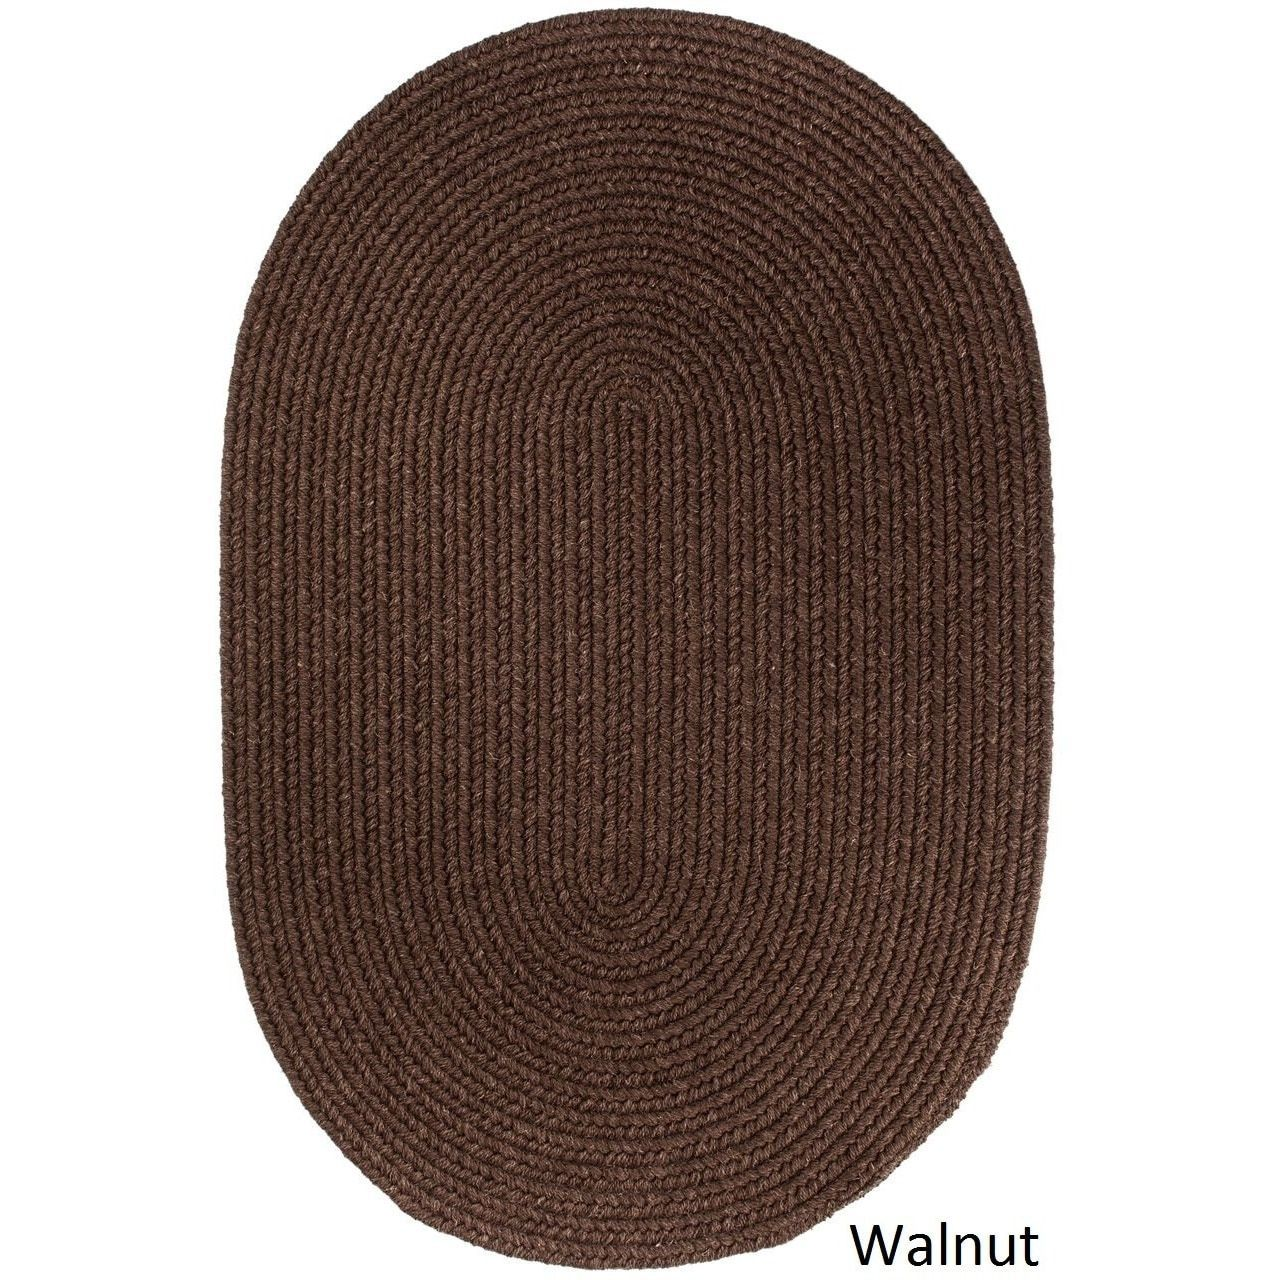 Rhody rug woolux wool oval braided rug u x u wheat brown